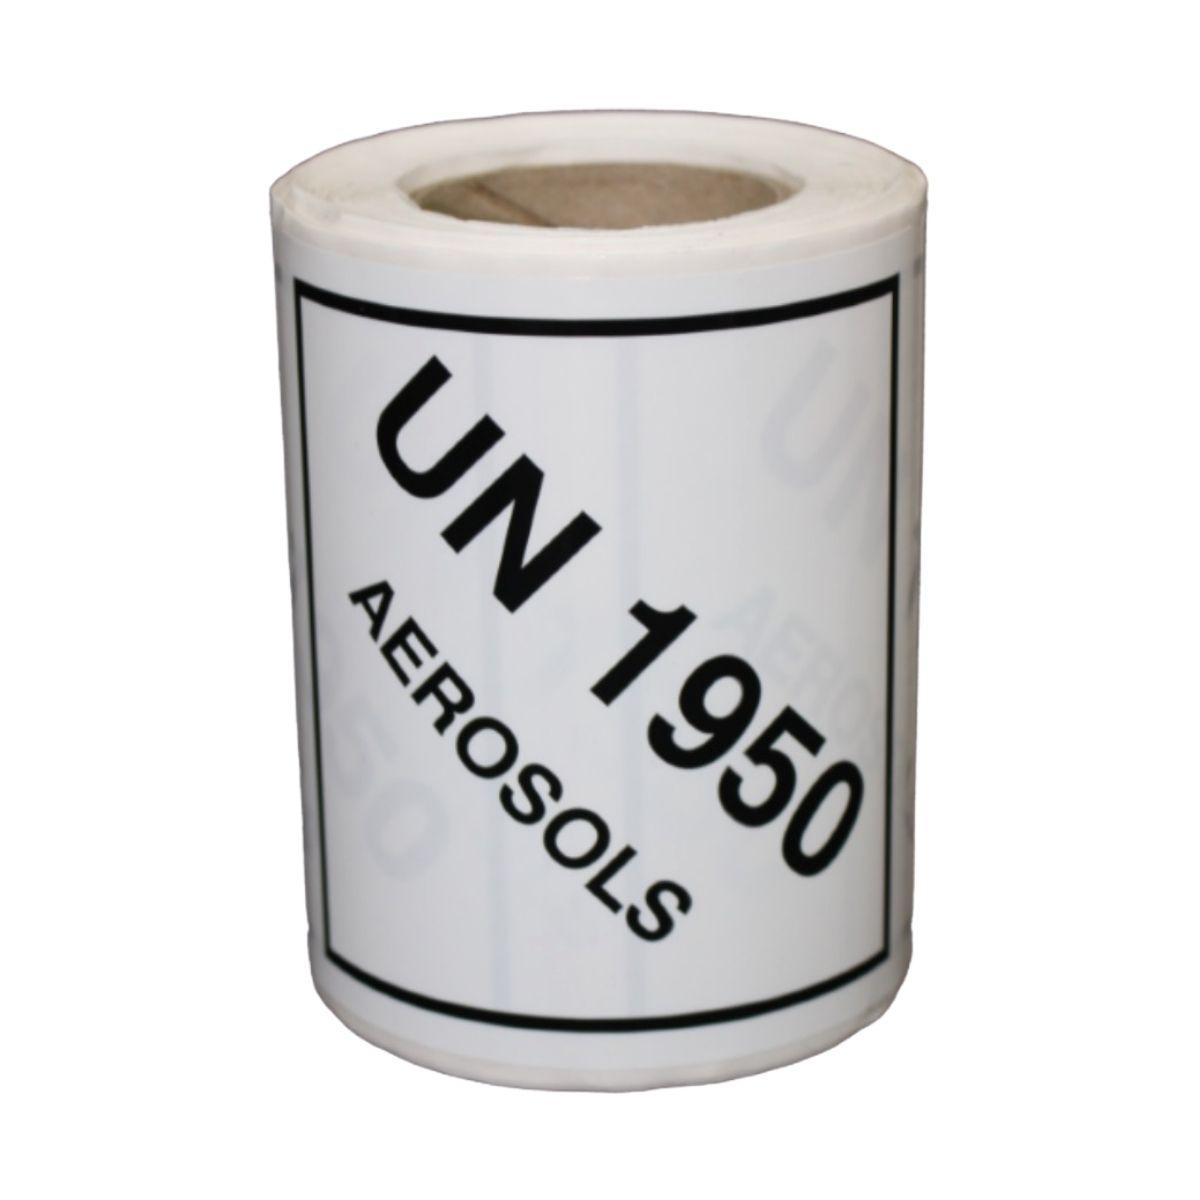 HD8912 UN Diamonds Self Adhesive on Roll 100 x 100mm 250 Labels Aerosol